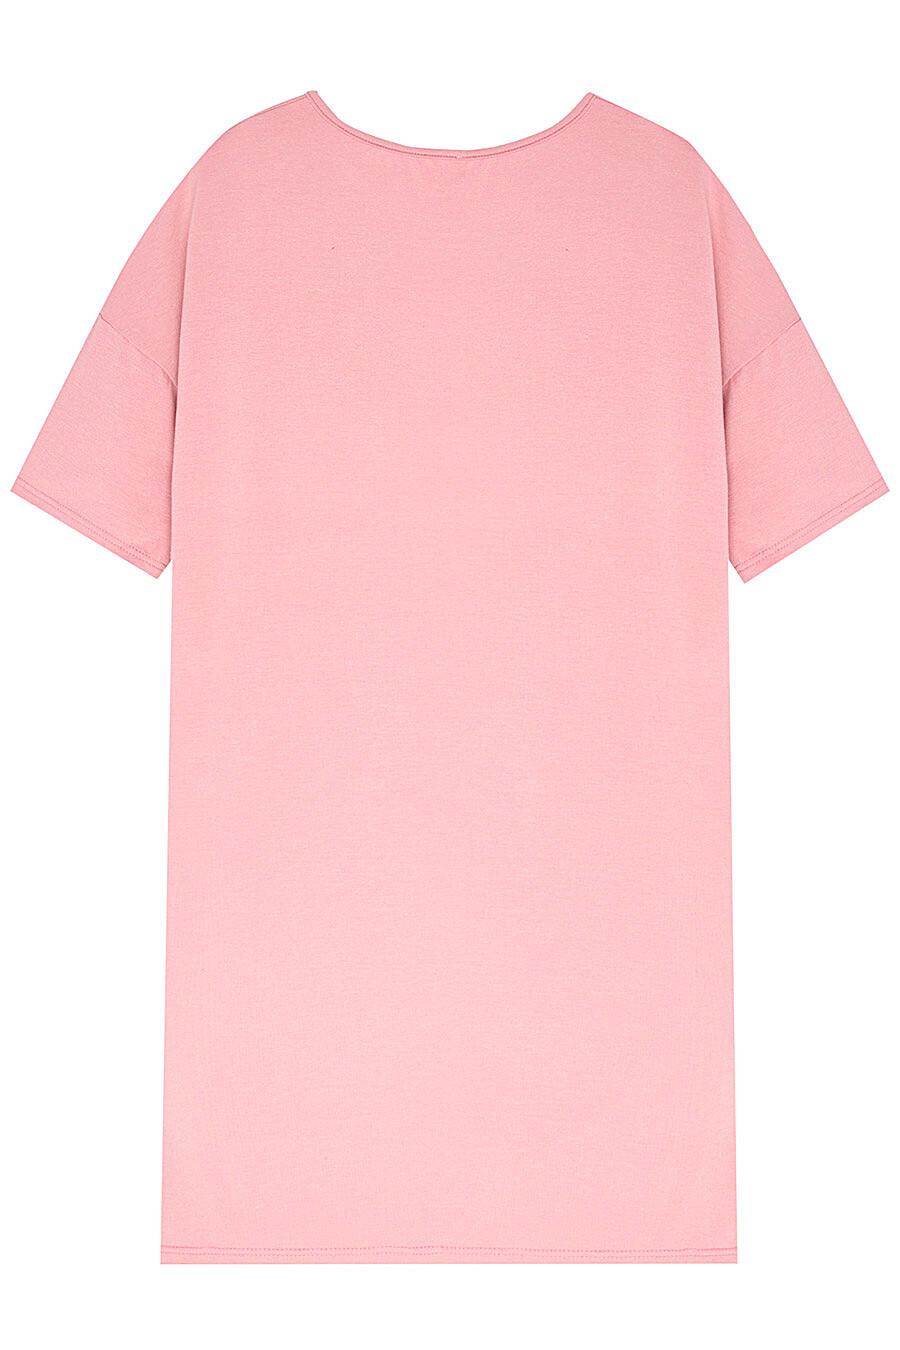 Сорочка для женщин BOSSA NOVA 708536 купить оптом от производителя. Совместная покупка женской одежды в OptMoyo